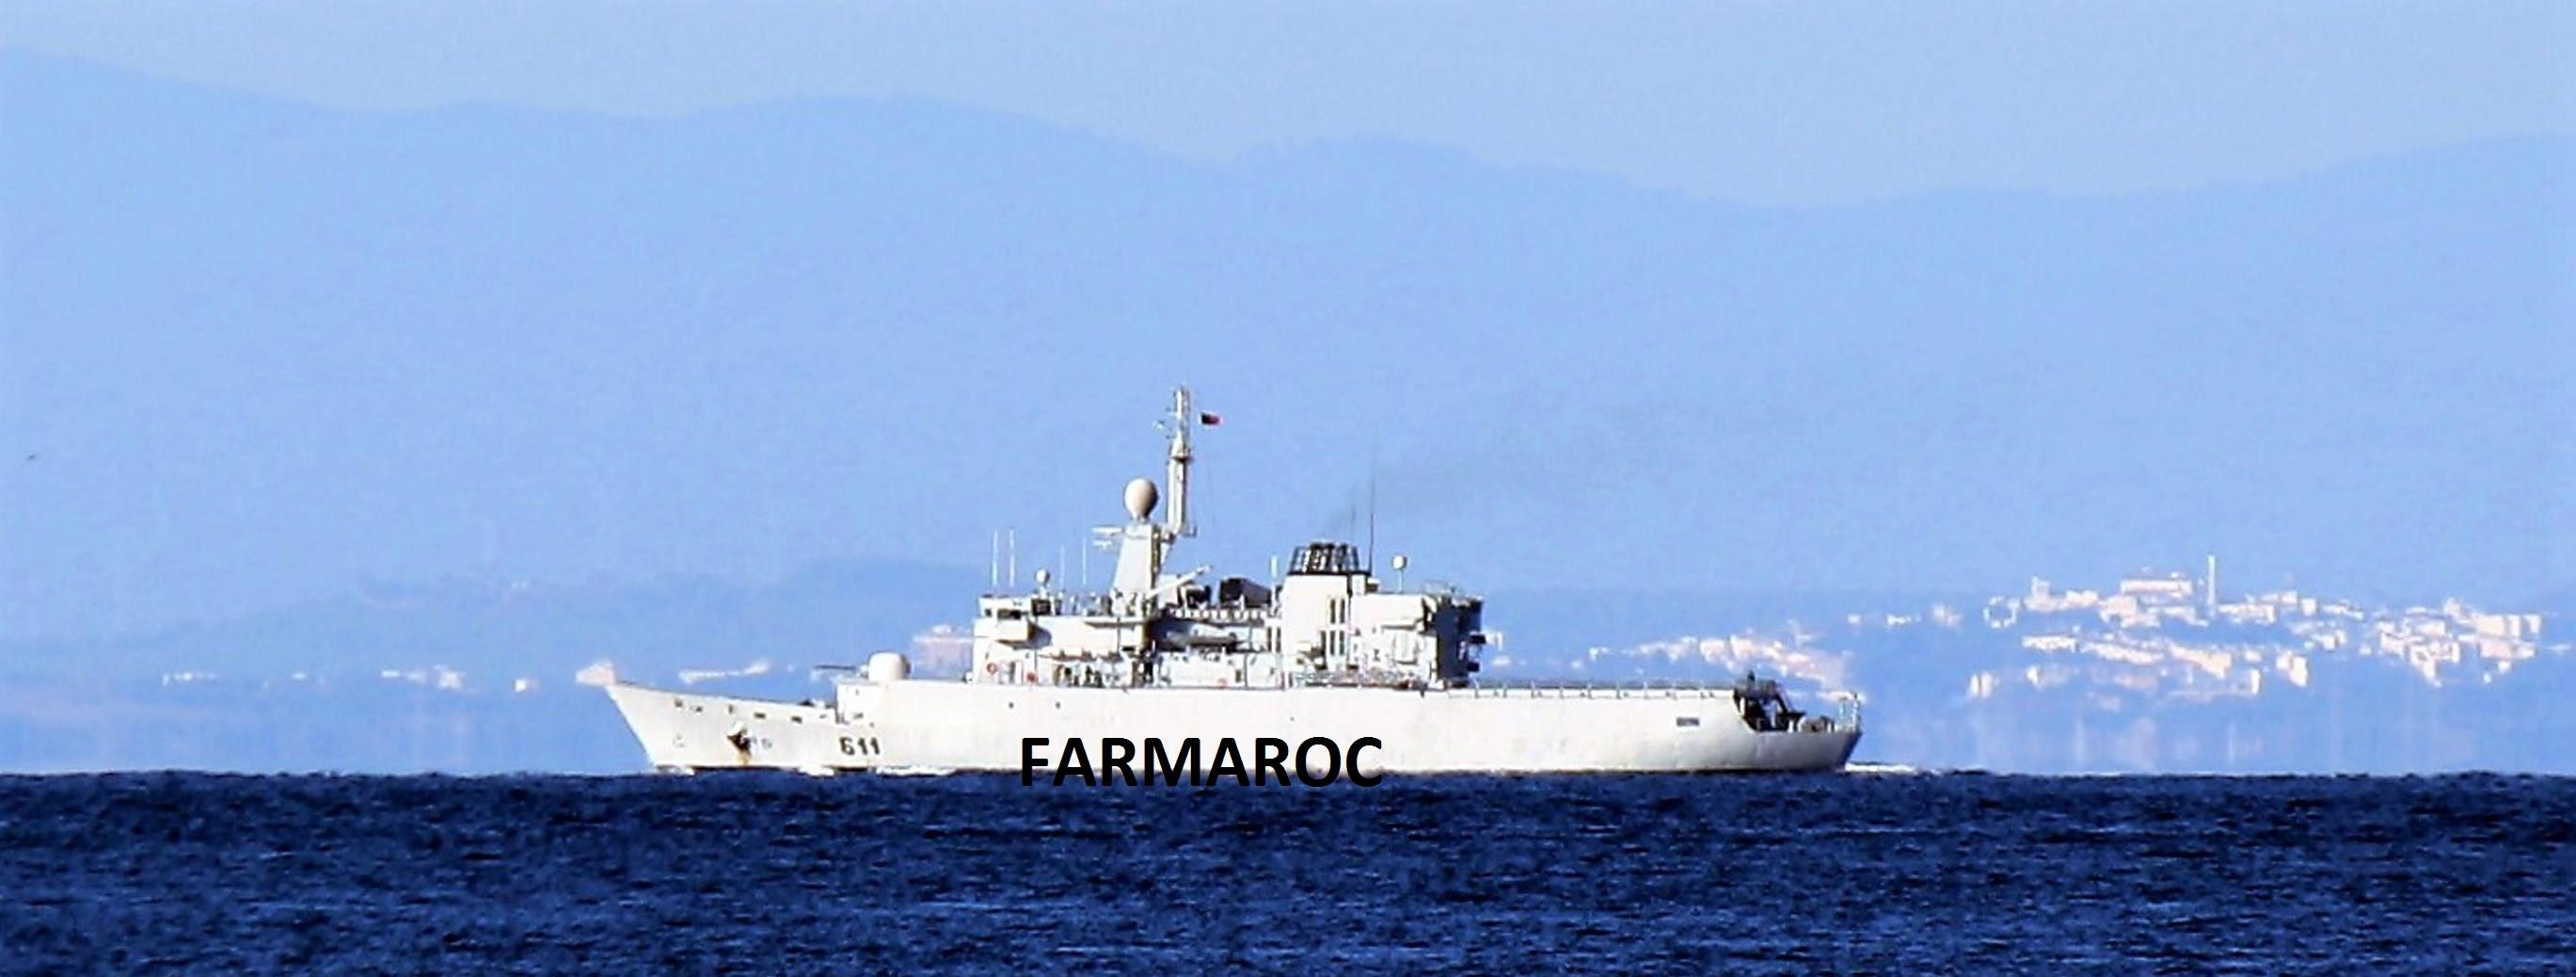 Royal Moroccan Navy Floréal Frigates / Frégates Floréal Marocaines - Page 13 46311911114_13844b0a8c_o